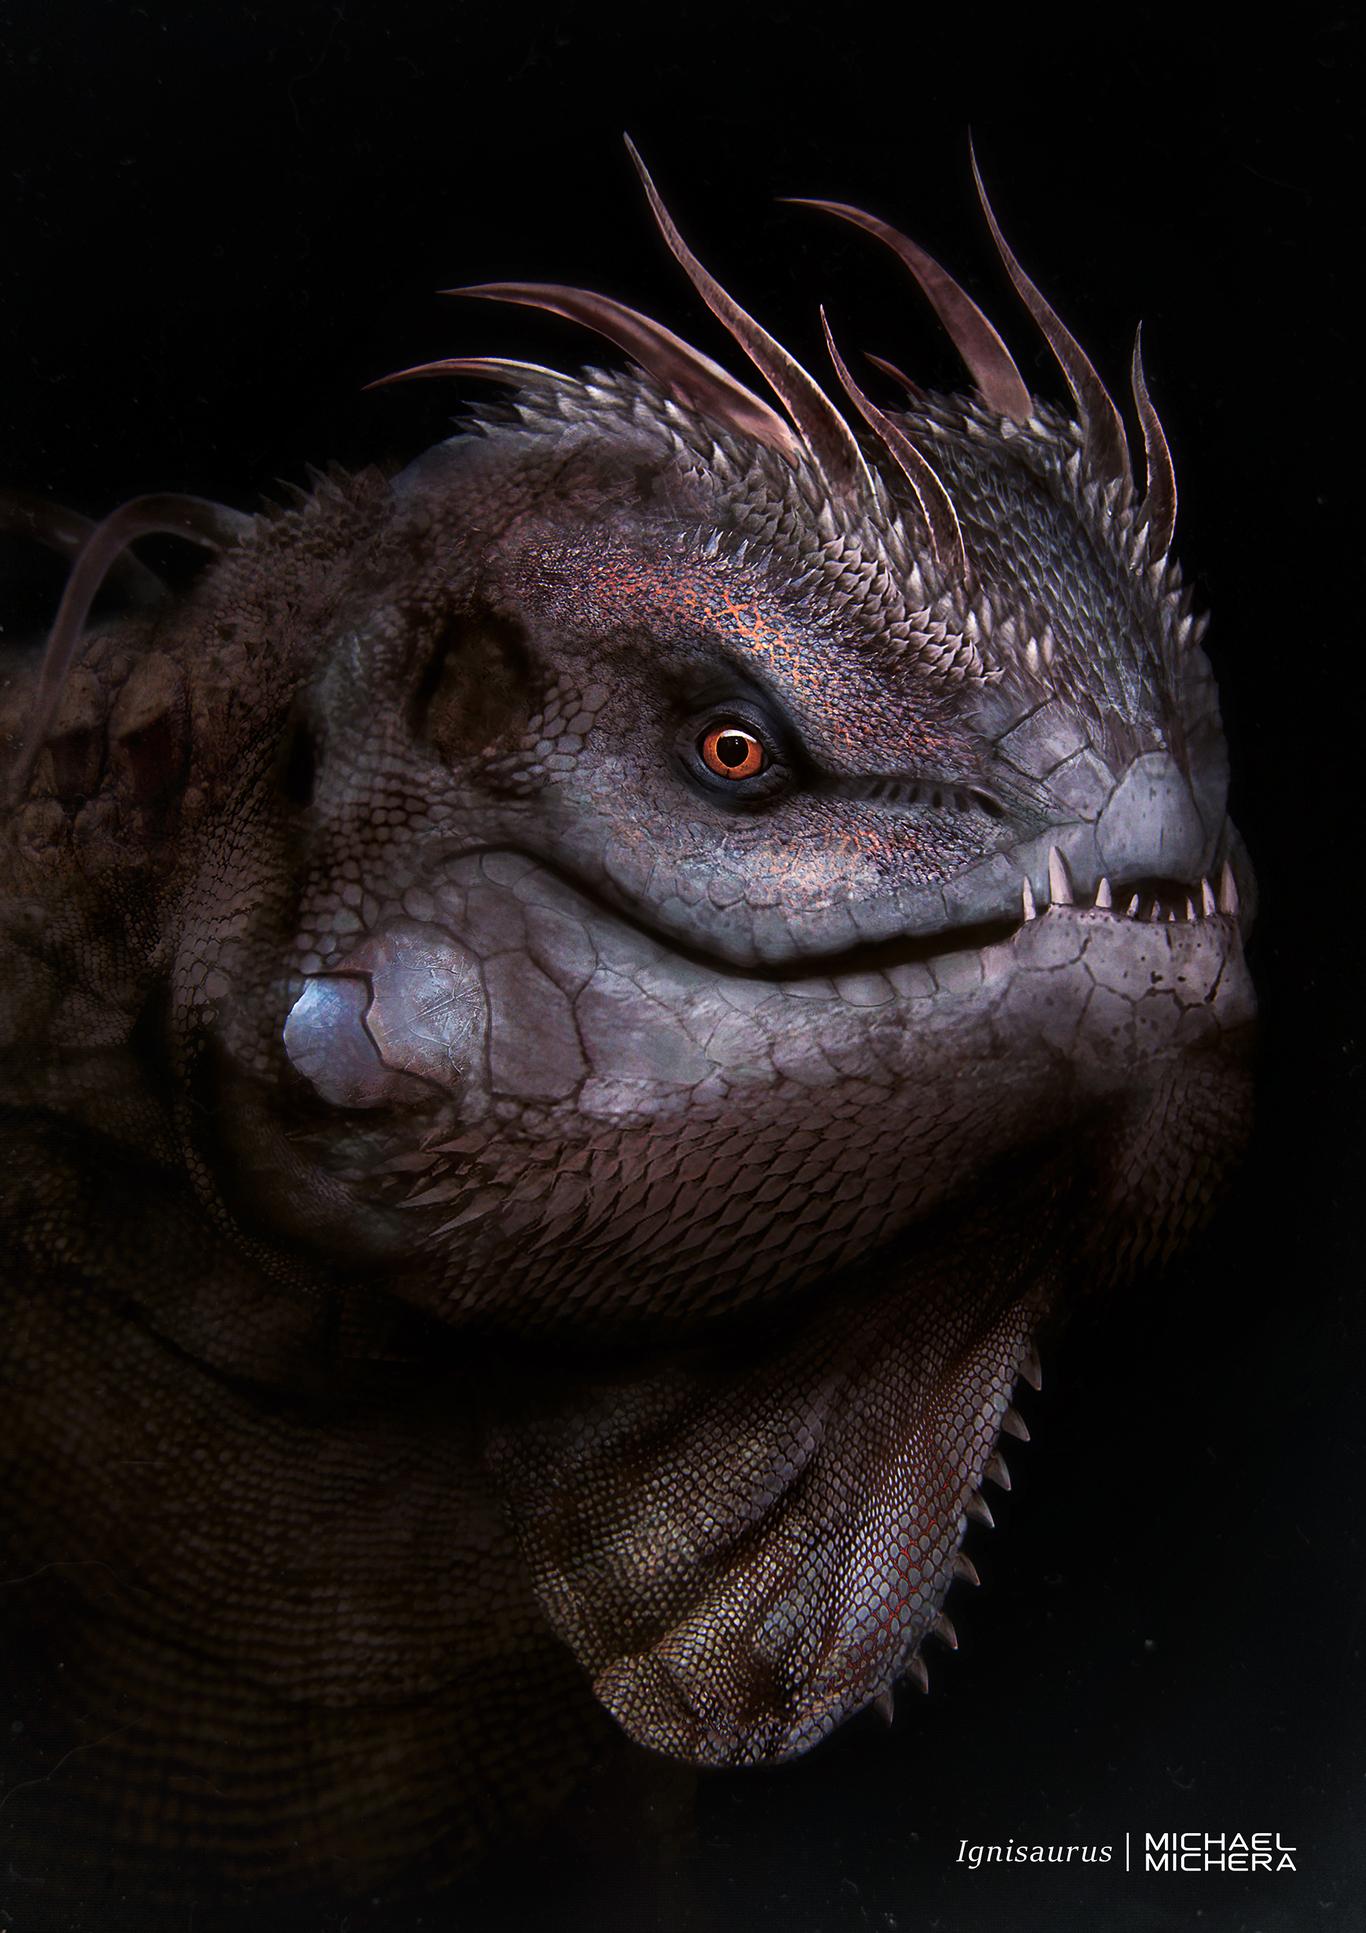 Ignisaurus